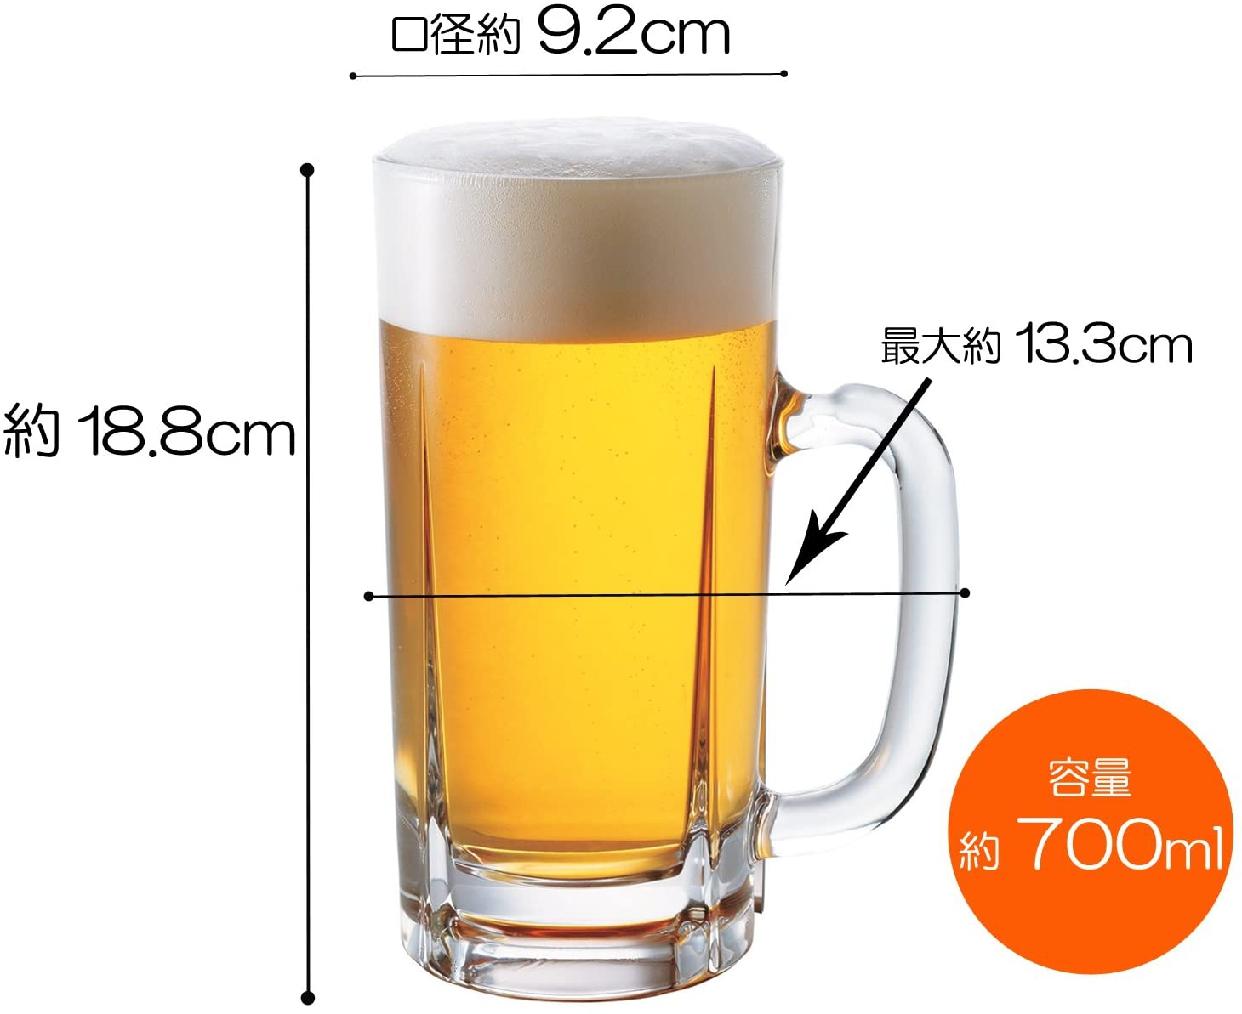 ADERIA(アデリア) ビールジョッキ クリアの商品画像3